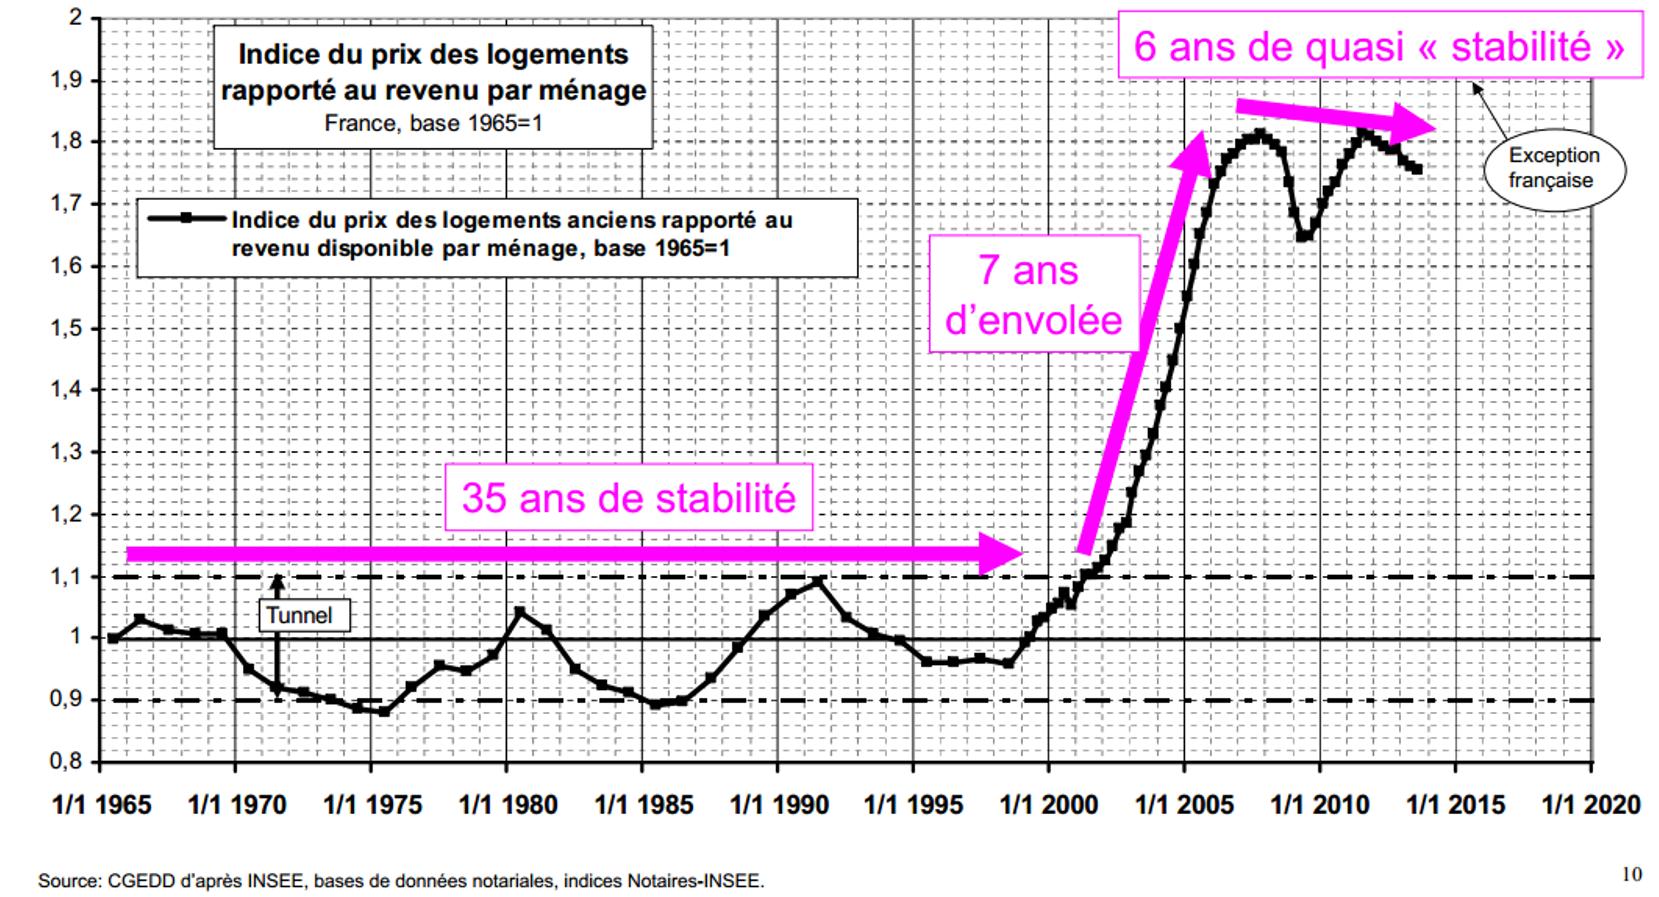 Indice du prix des logements rapporté au revenu des menages Jacques Friggit